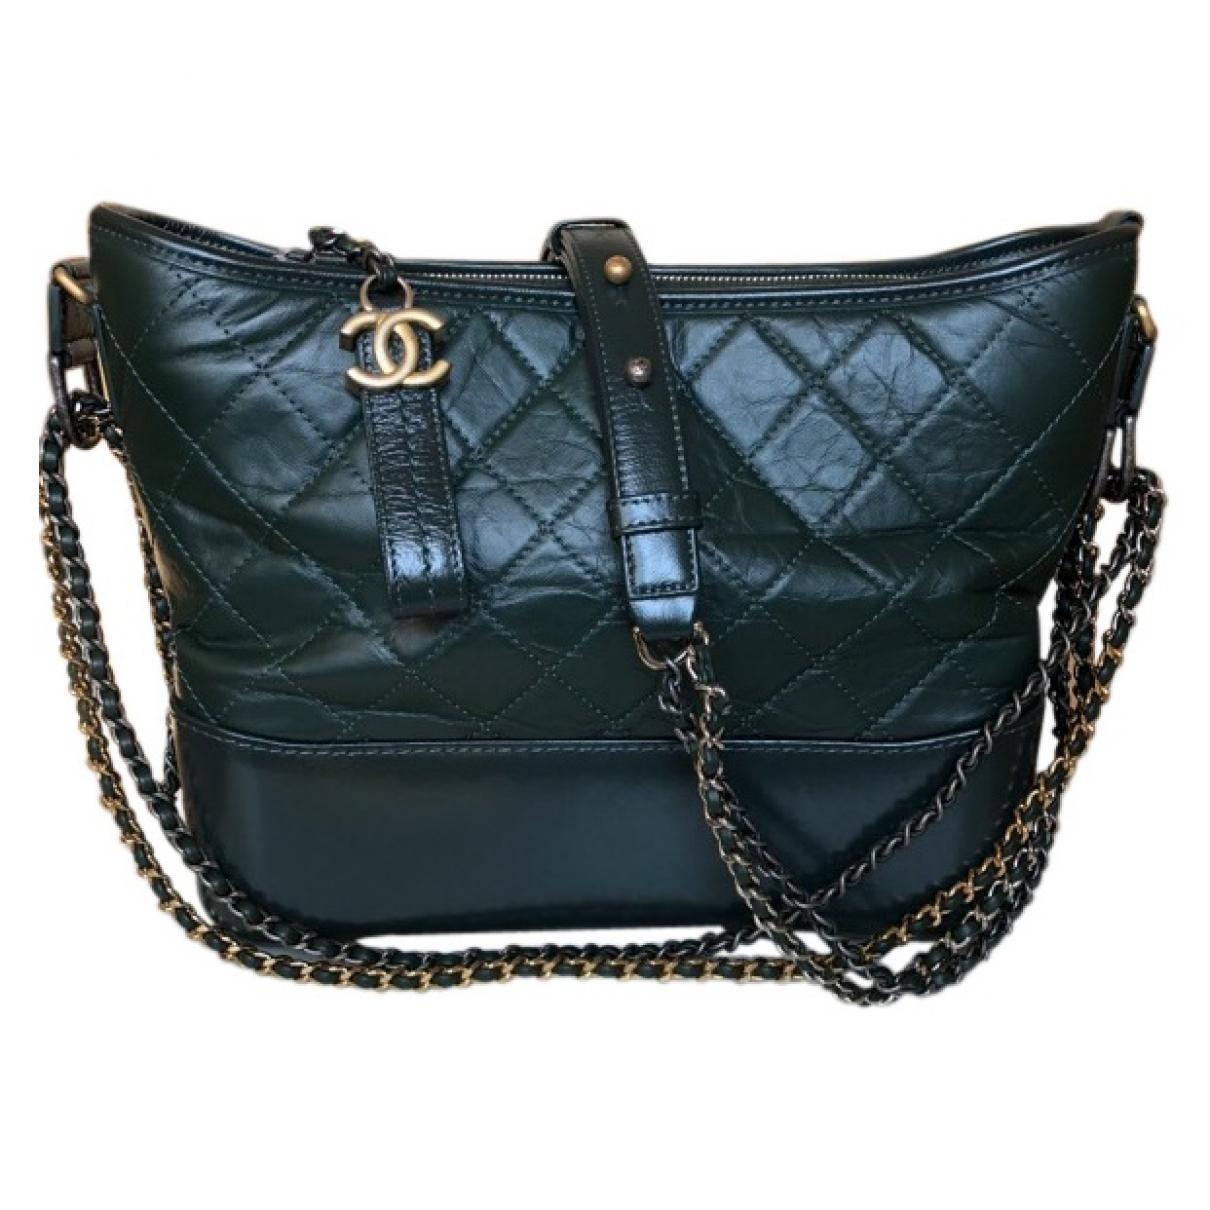 da3cb567cc39 Lyst - Chanel Gabrielle Green Leather Handbag in Green